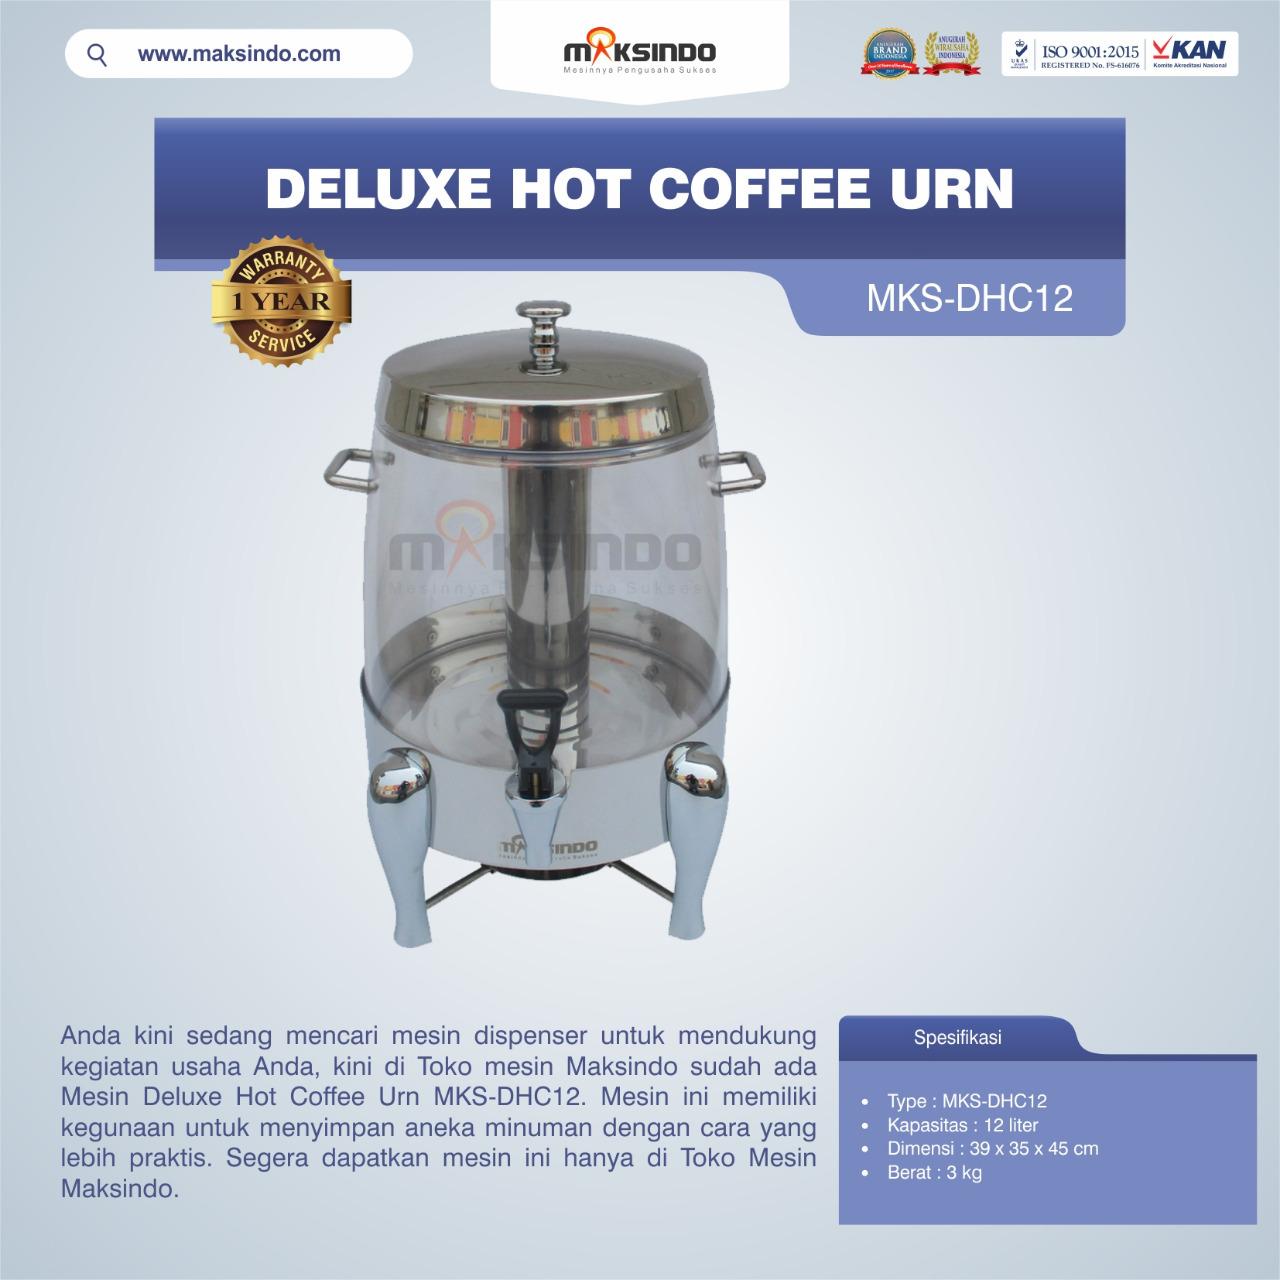 Jual Deluxe Hot Coffee Urn MKS-DHC12 di Pekanbaru